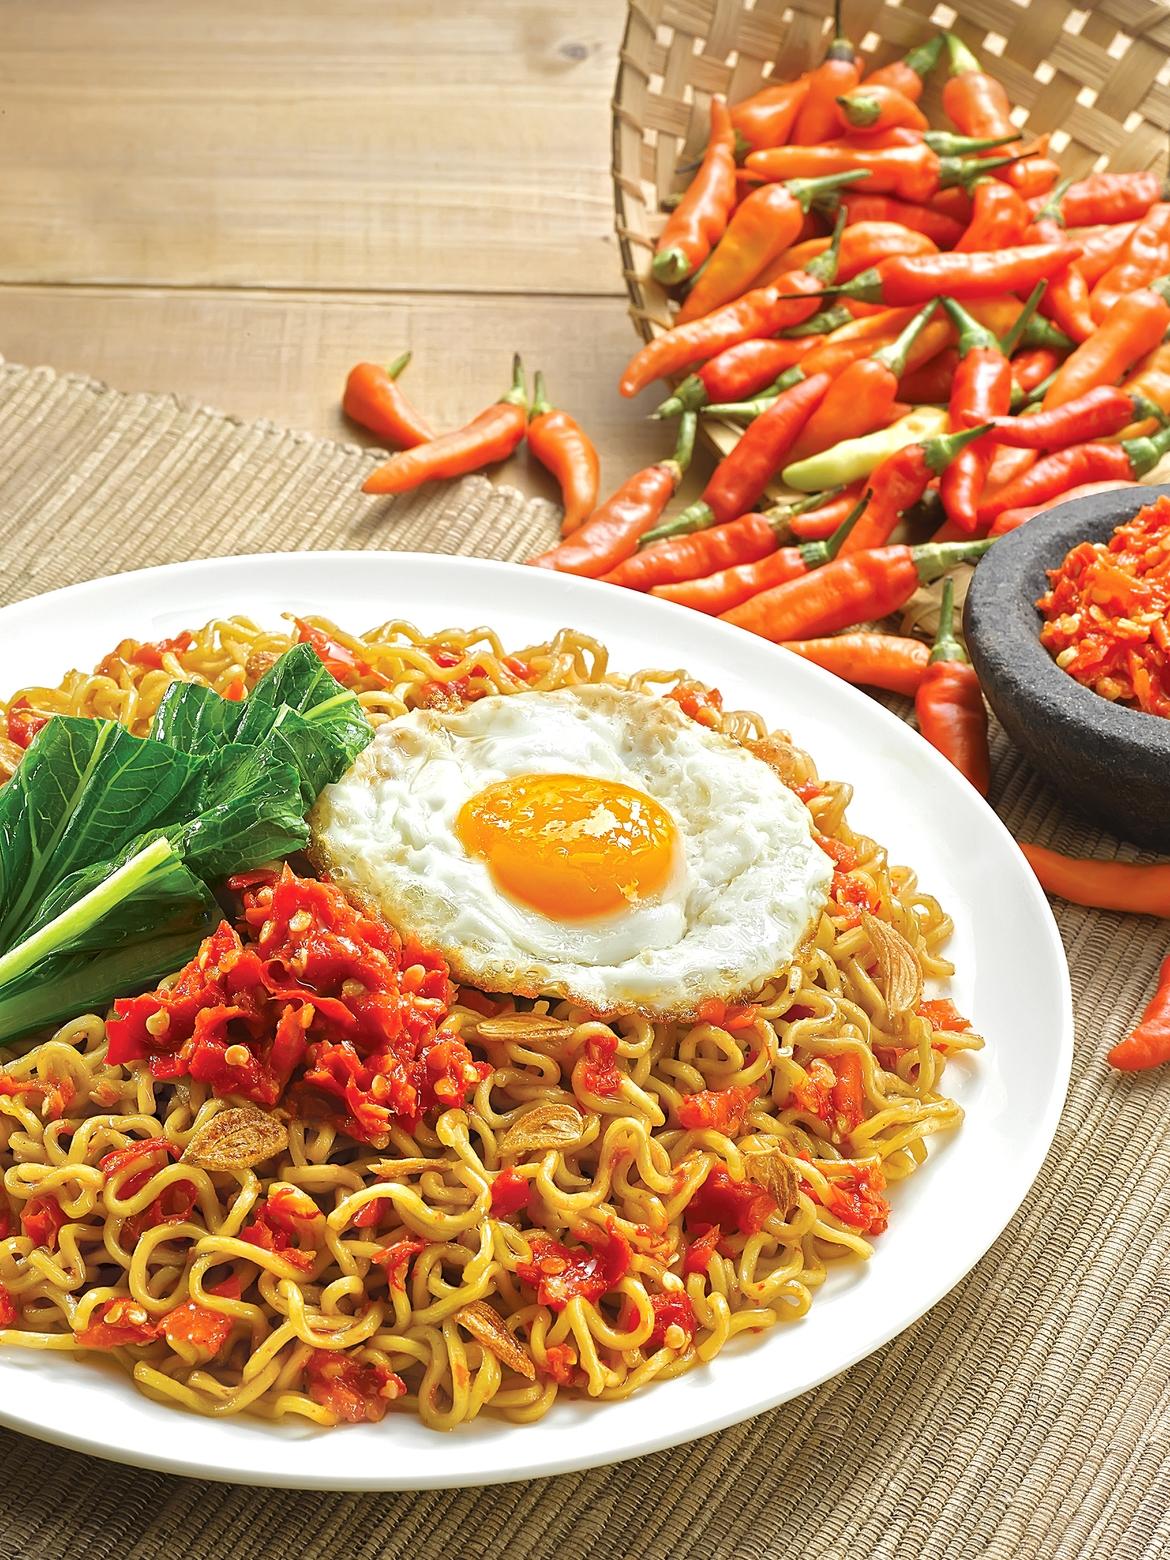 Food-Indofood6882-1.jpg